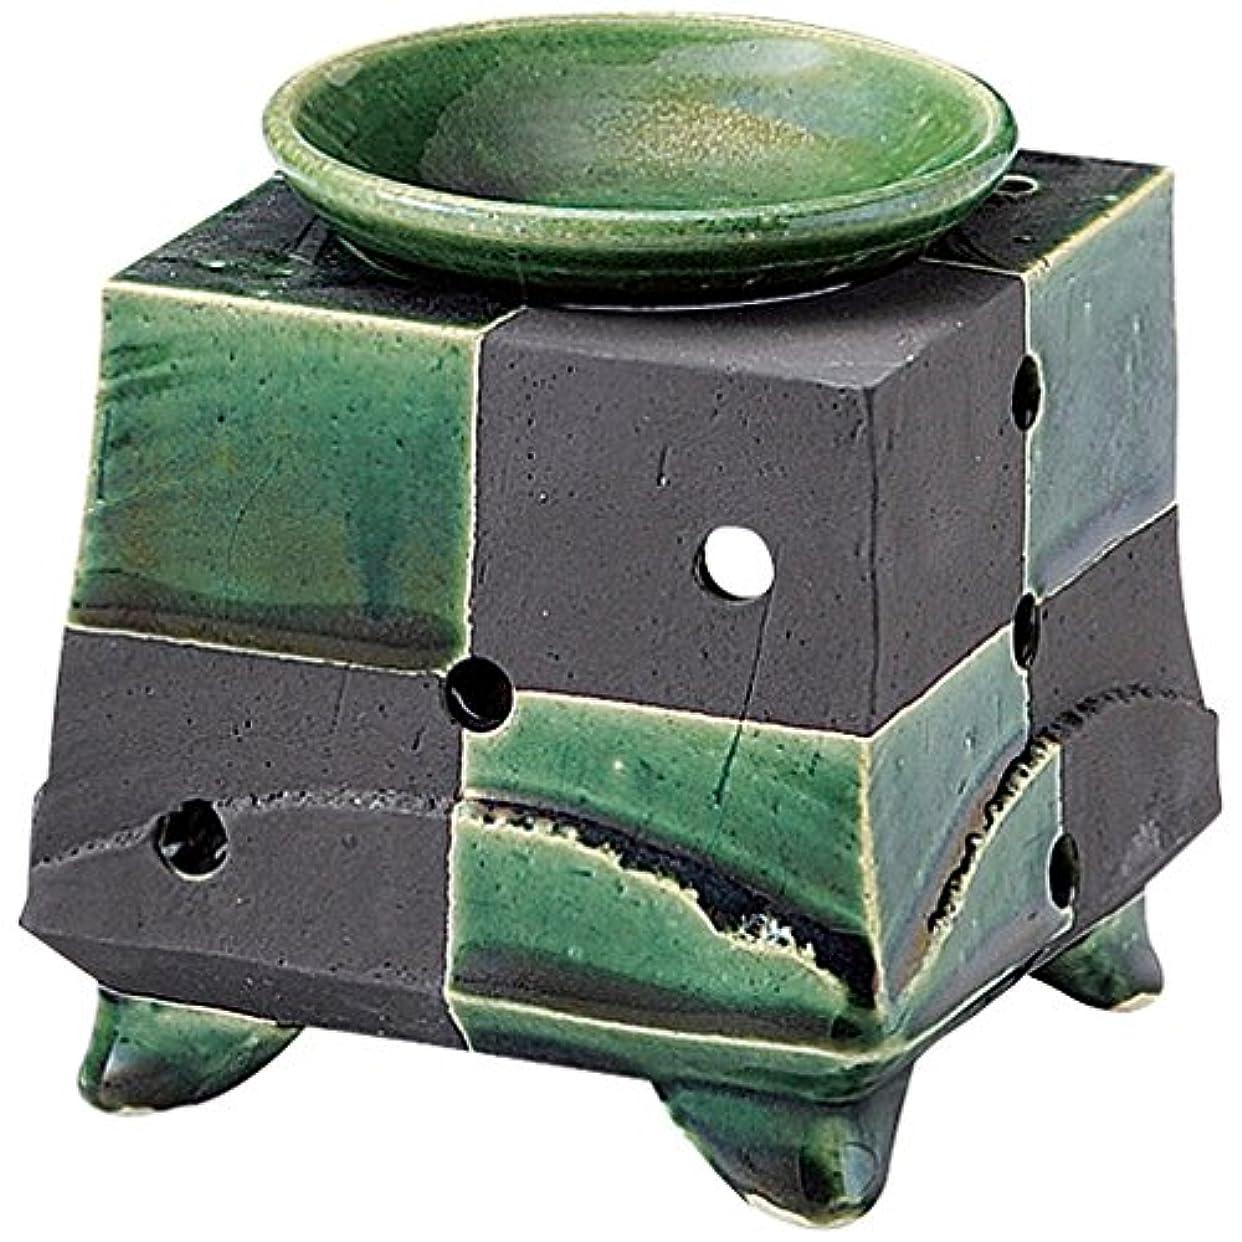 スラム不完全なロック山下工芸 常滑焼 佳窯織部黒市松茶香炉 11.5×11.5×11.5cm 13045770